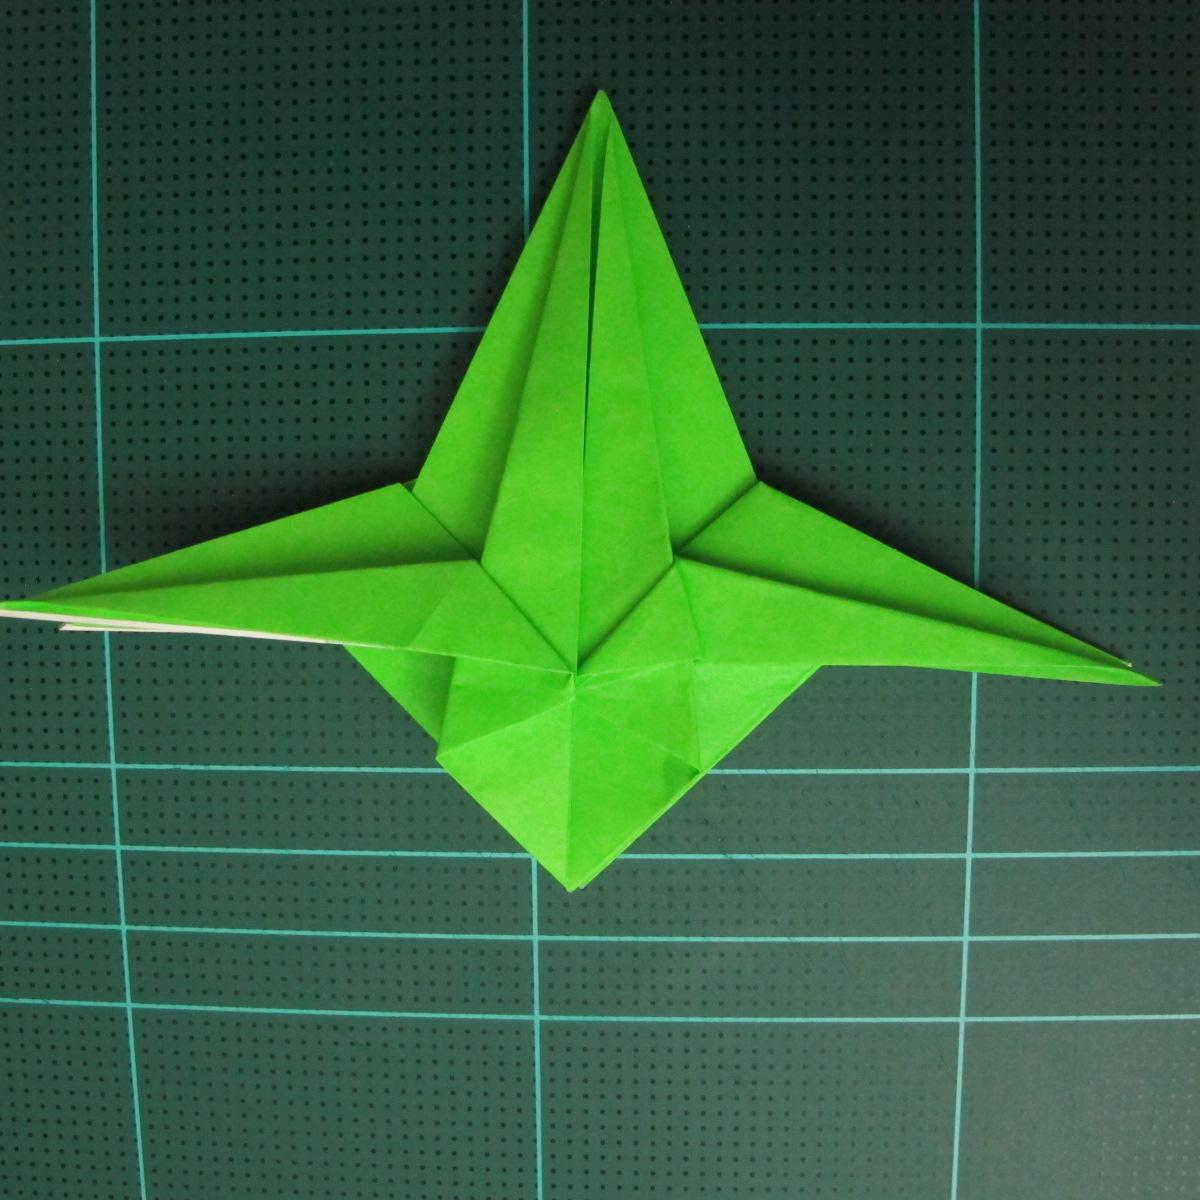 วิธีพับกระดาษเป็นจรวด X-WING สตาร์วอร์ (Origami X-WING) 028